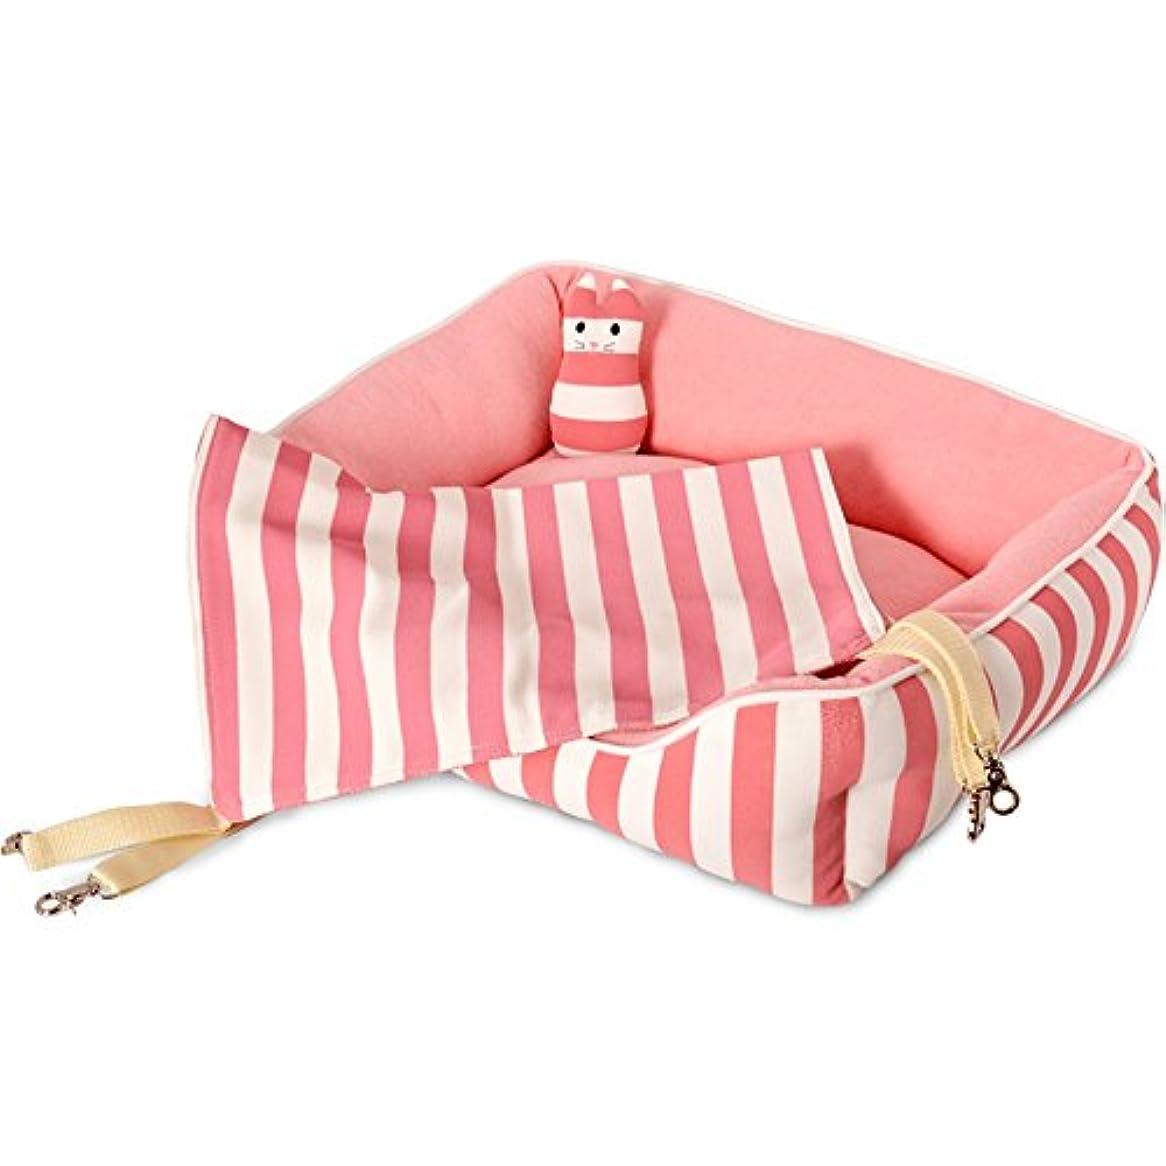 続けるアンティーク叱るGWDJ ハンモック小さな動物のハンモックストライプ平織りの布ペットのハンモックペットのハンモックの残りの部分ペットのハンモック (色 : Pink)